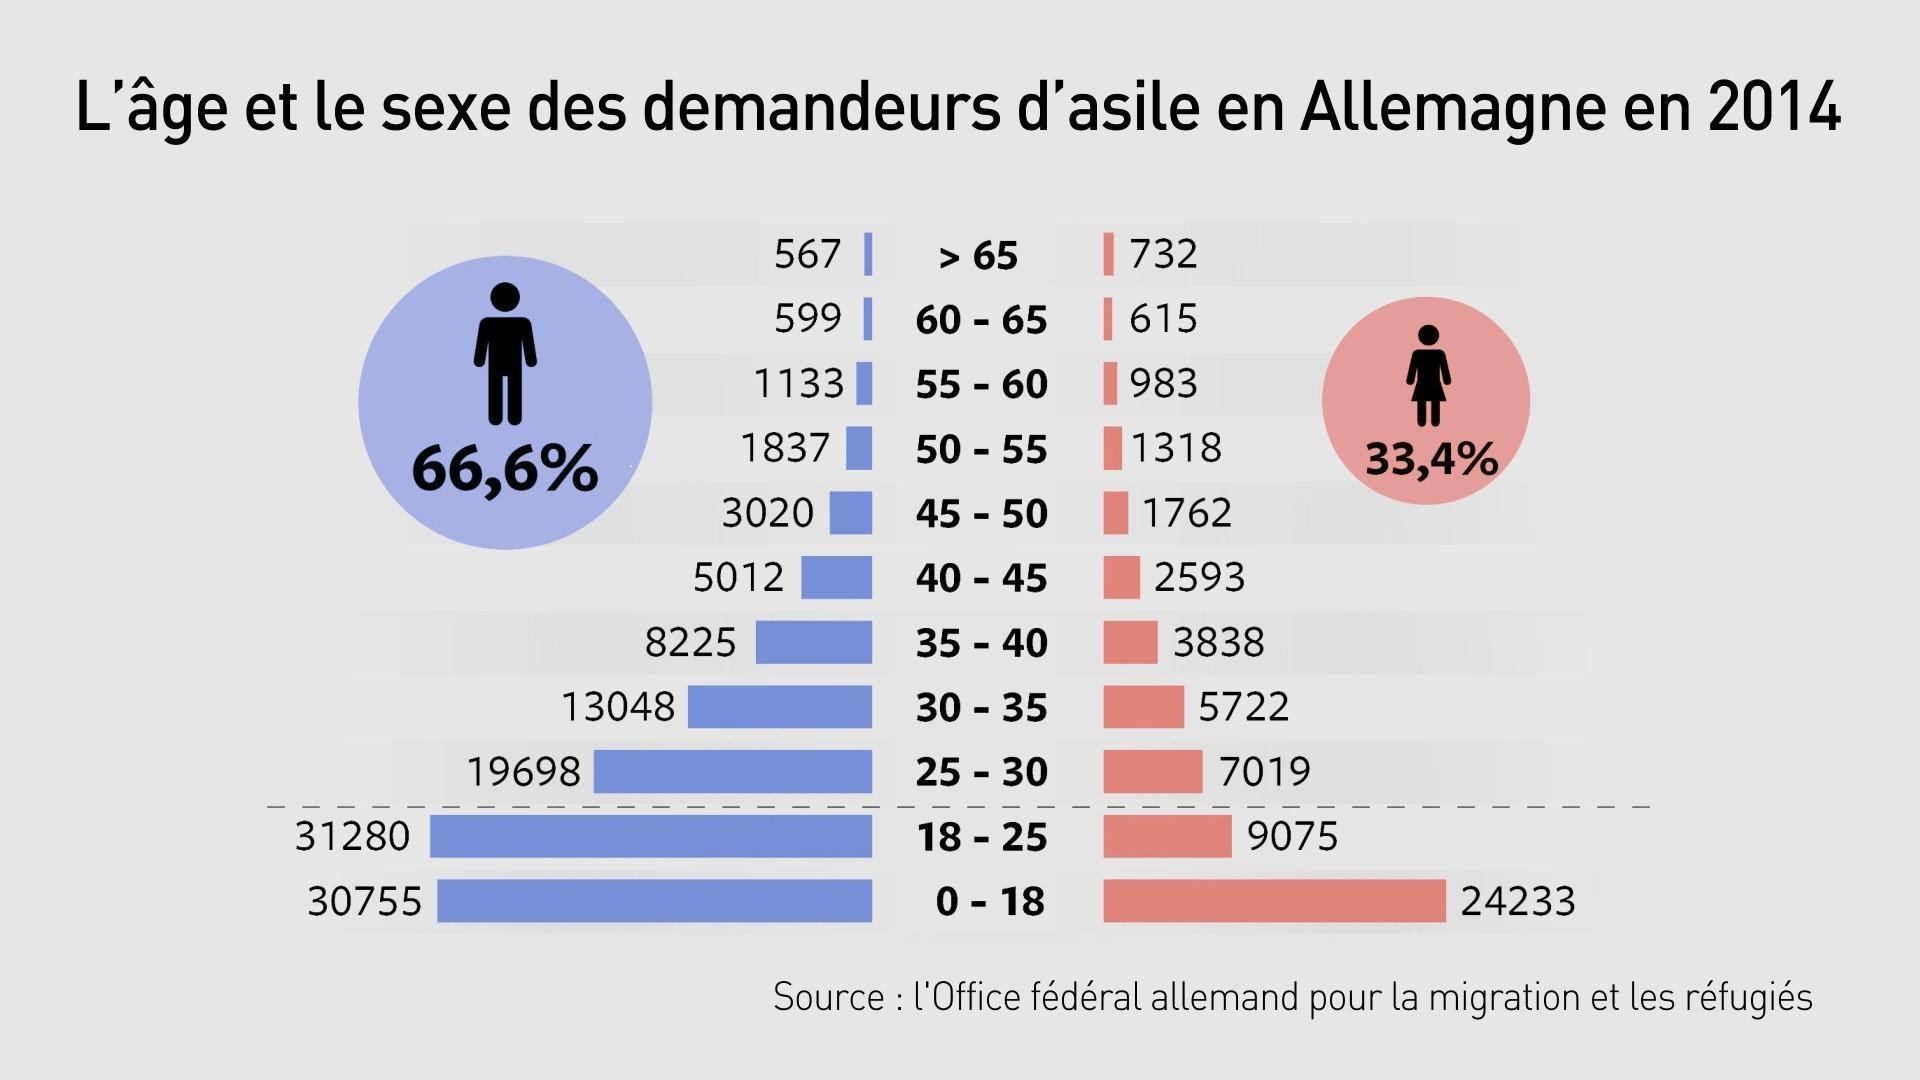 Les autorités allemandes cachent-elles les chiffres réels des viols dans les centres de réfugiés ?